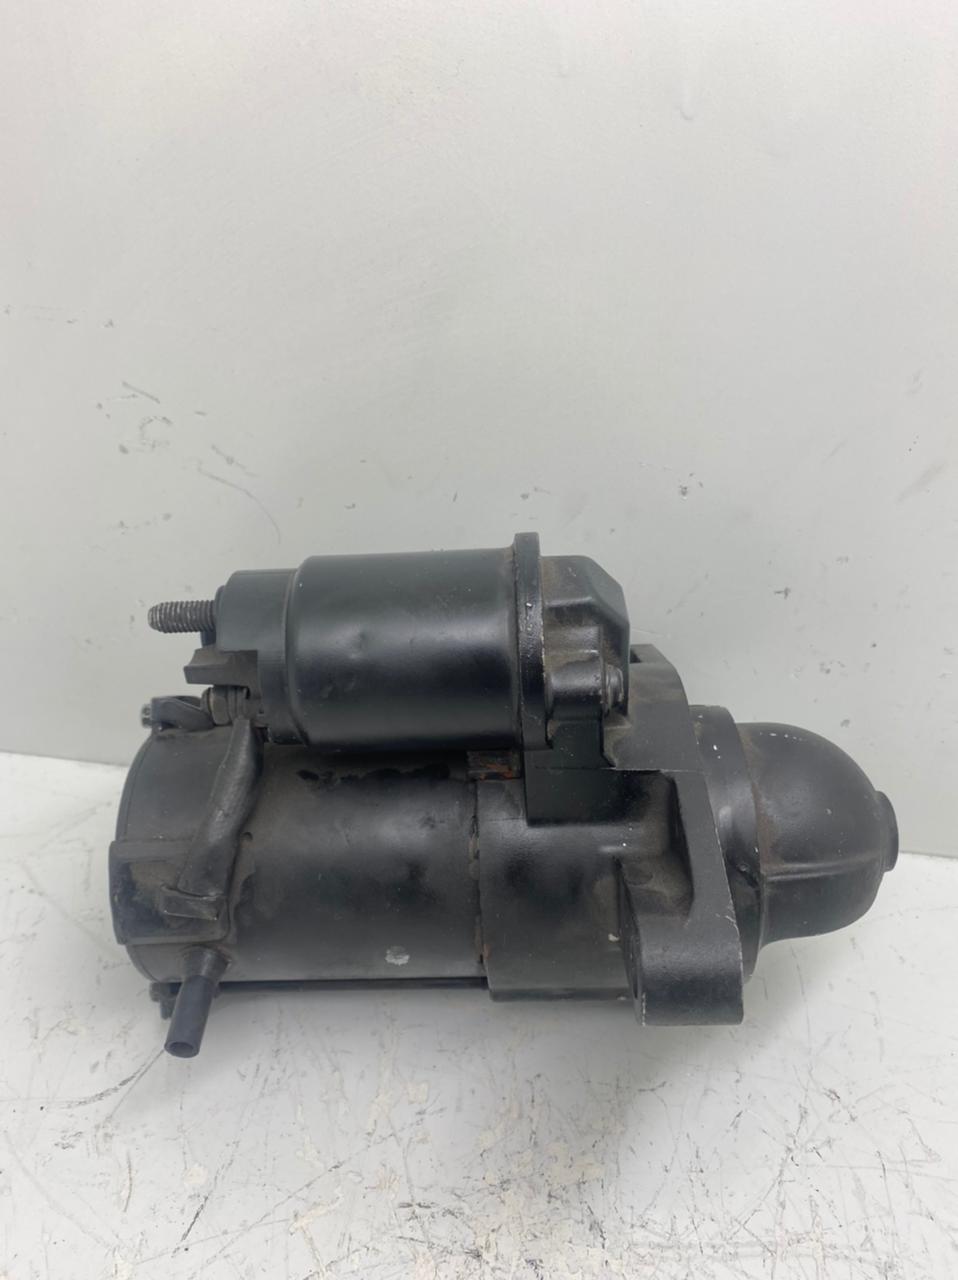 MOTOR DE PARTIDA ARRANQUE S10 BLAZER GASOLINA 2.5 11D 12V GM24585283 1206997